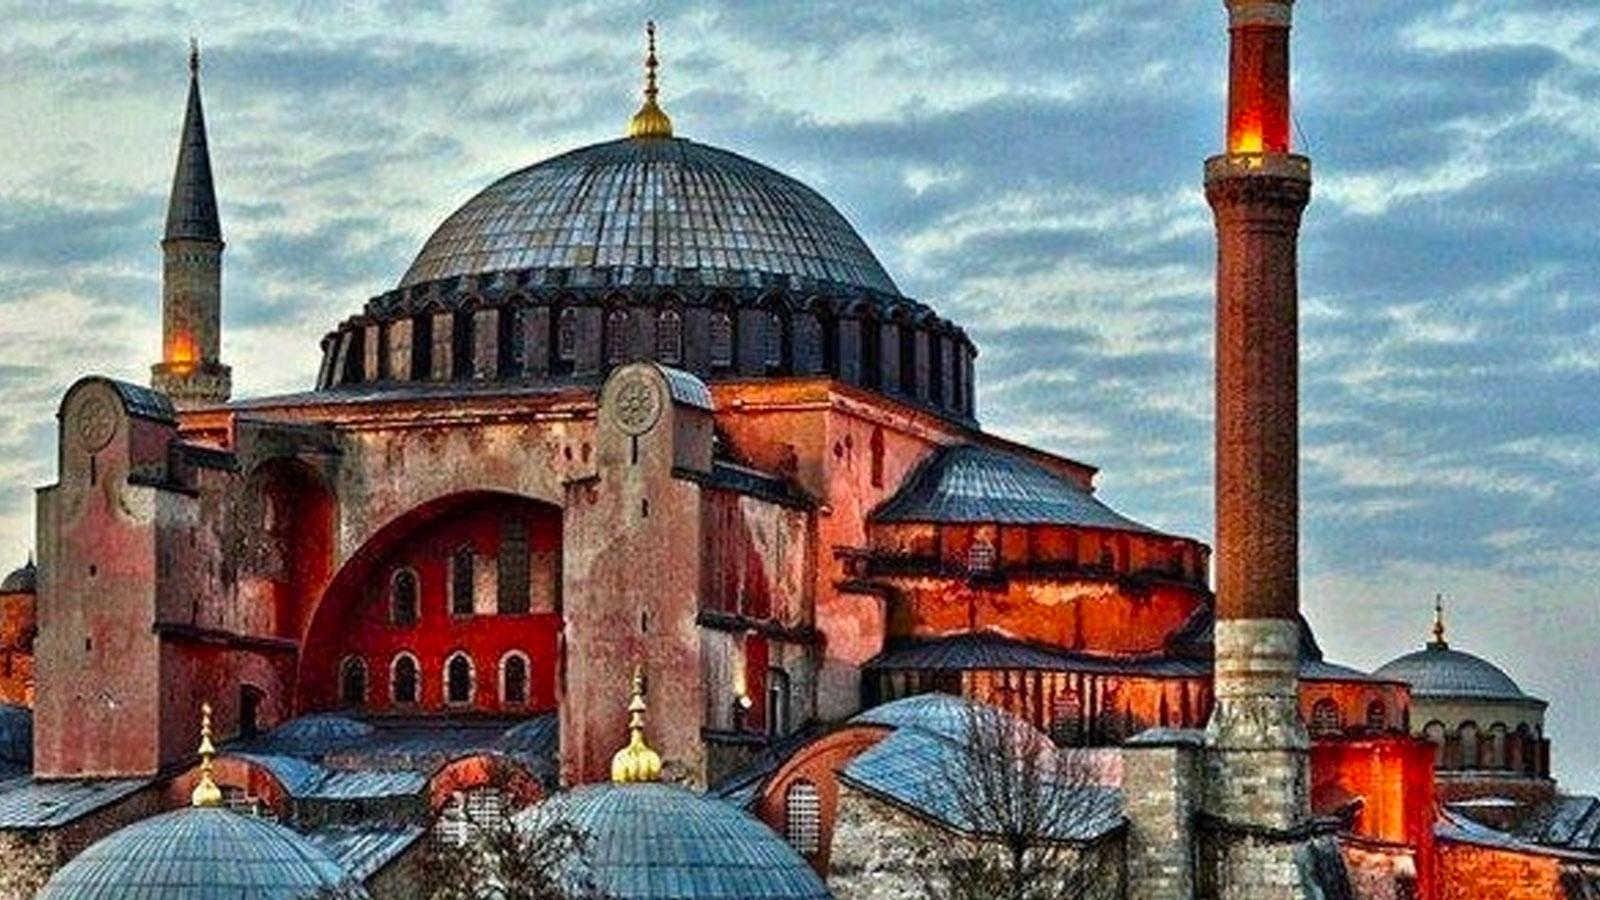 """Ortodoks dünyanın lideri olarak görülen Ruslar, Türkiye'ye geldiklerinde mutlaka ziyarettikleri yerleri yerlerden biri Ortodoks kilisesi olarak yapılan Ayasofya Müzesi oluyordu. Müzeye giriş ücrelerinin 100 TL olması nedeniyle içeriye giren her ziyaretçi ülke ekonomisine katkıda bulunuyordu. Ancak Ayasofya'nın Cami olmasıyla birlikte hükümet bu gelir kaleminden feragat ederek vatandaşın omzuna yeni vergi yükleri getirebilir. Peskov bu durumun Ruslara faydasını, """"Ve şimdi bilet olmayacak, giriş ücretsiz olacak. Bu bakımdan turistlerimiz yararlanacak."""" sözleriyle dile getirdi."""